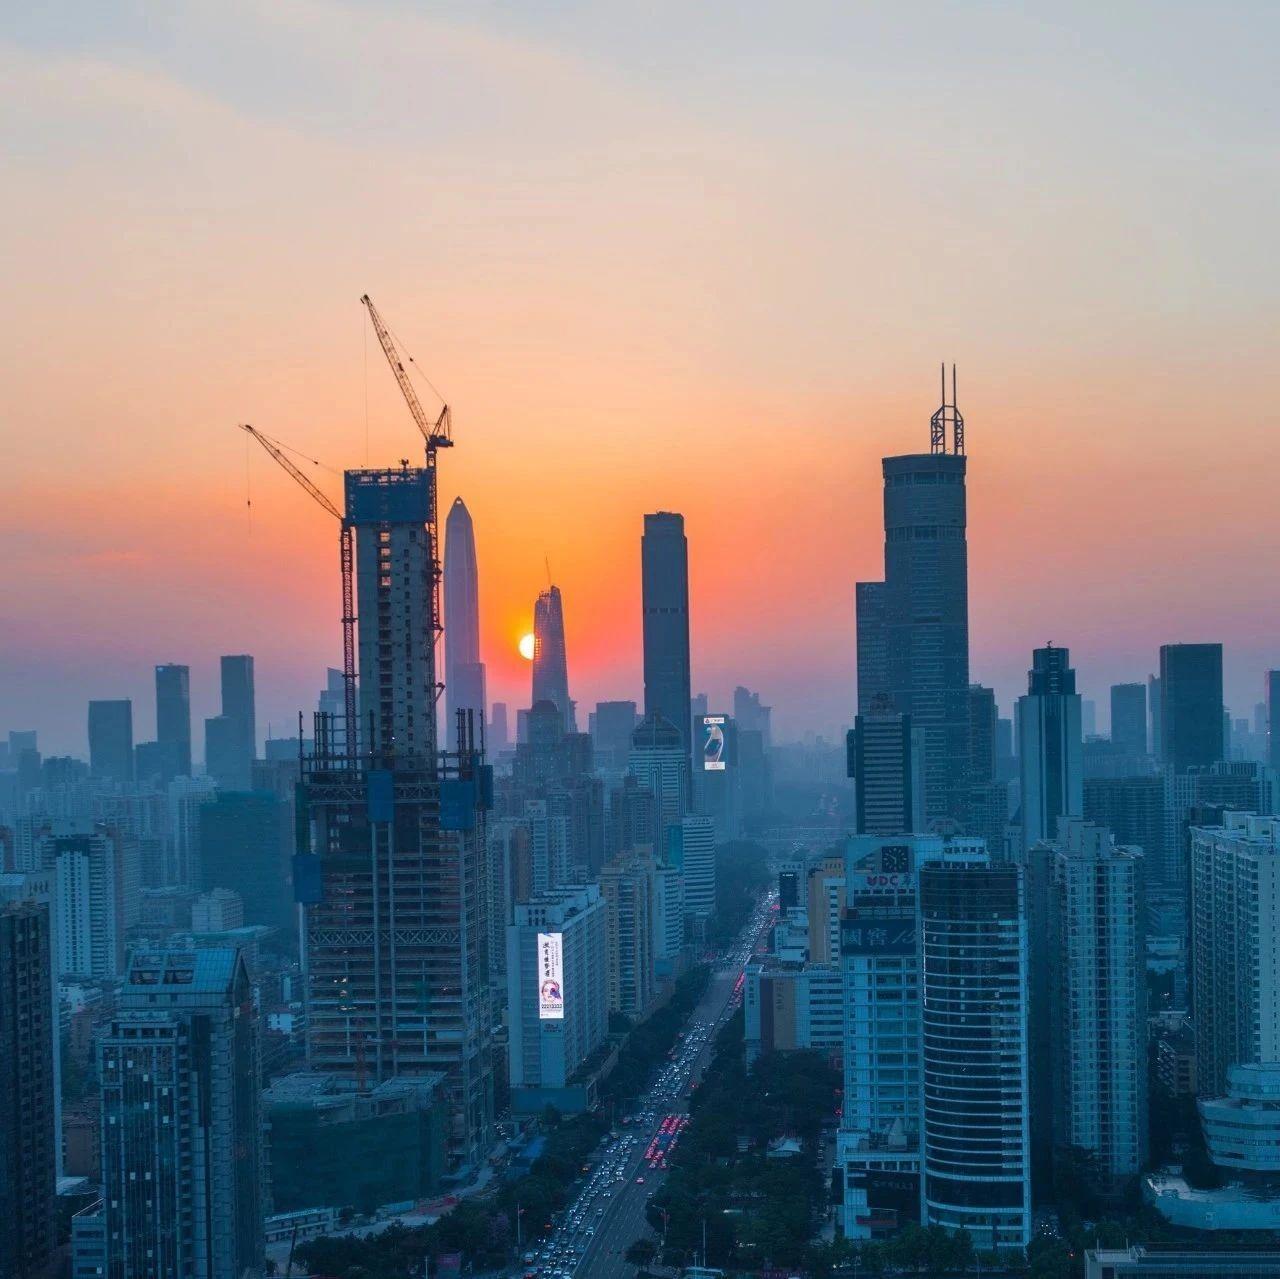 中国人口大迁徙:城镇化率已达63.89% 流动人口达3.76亿,楼市的空间在哪里